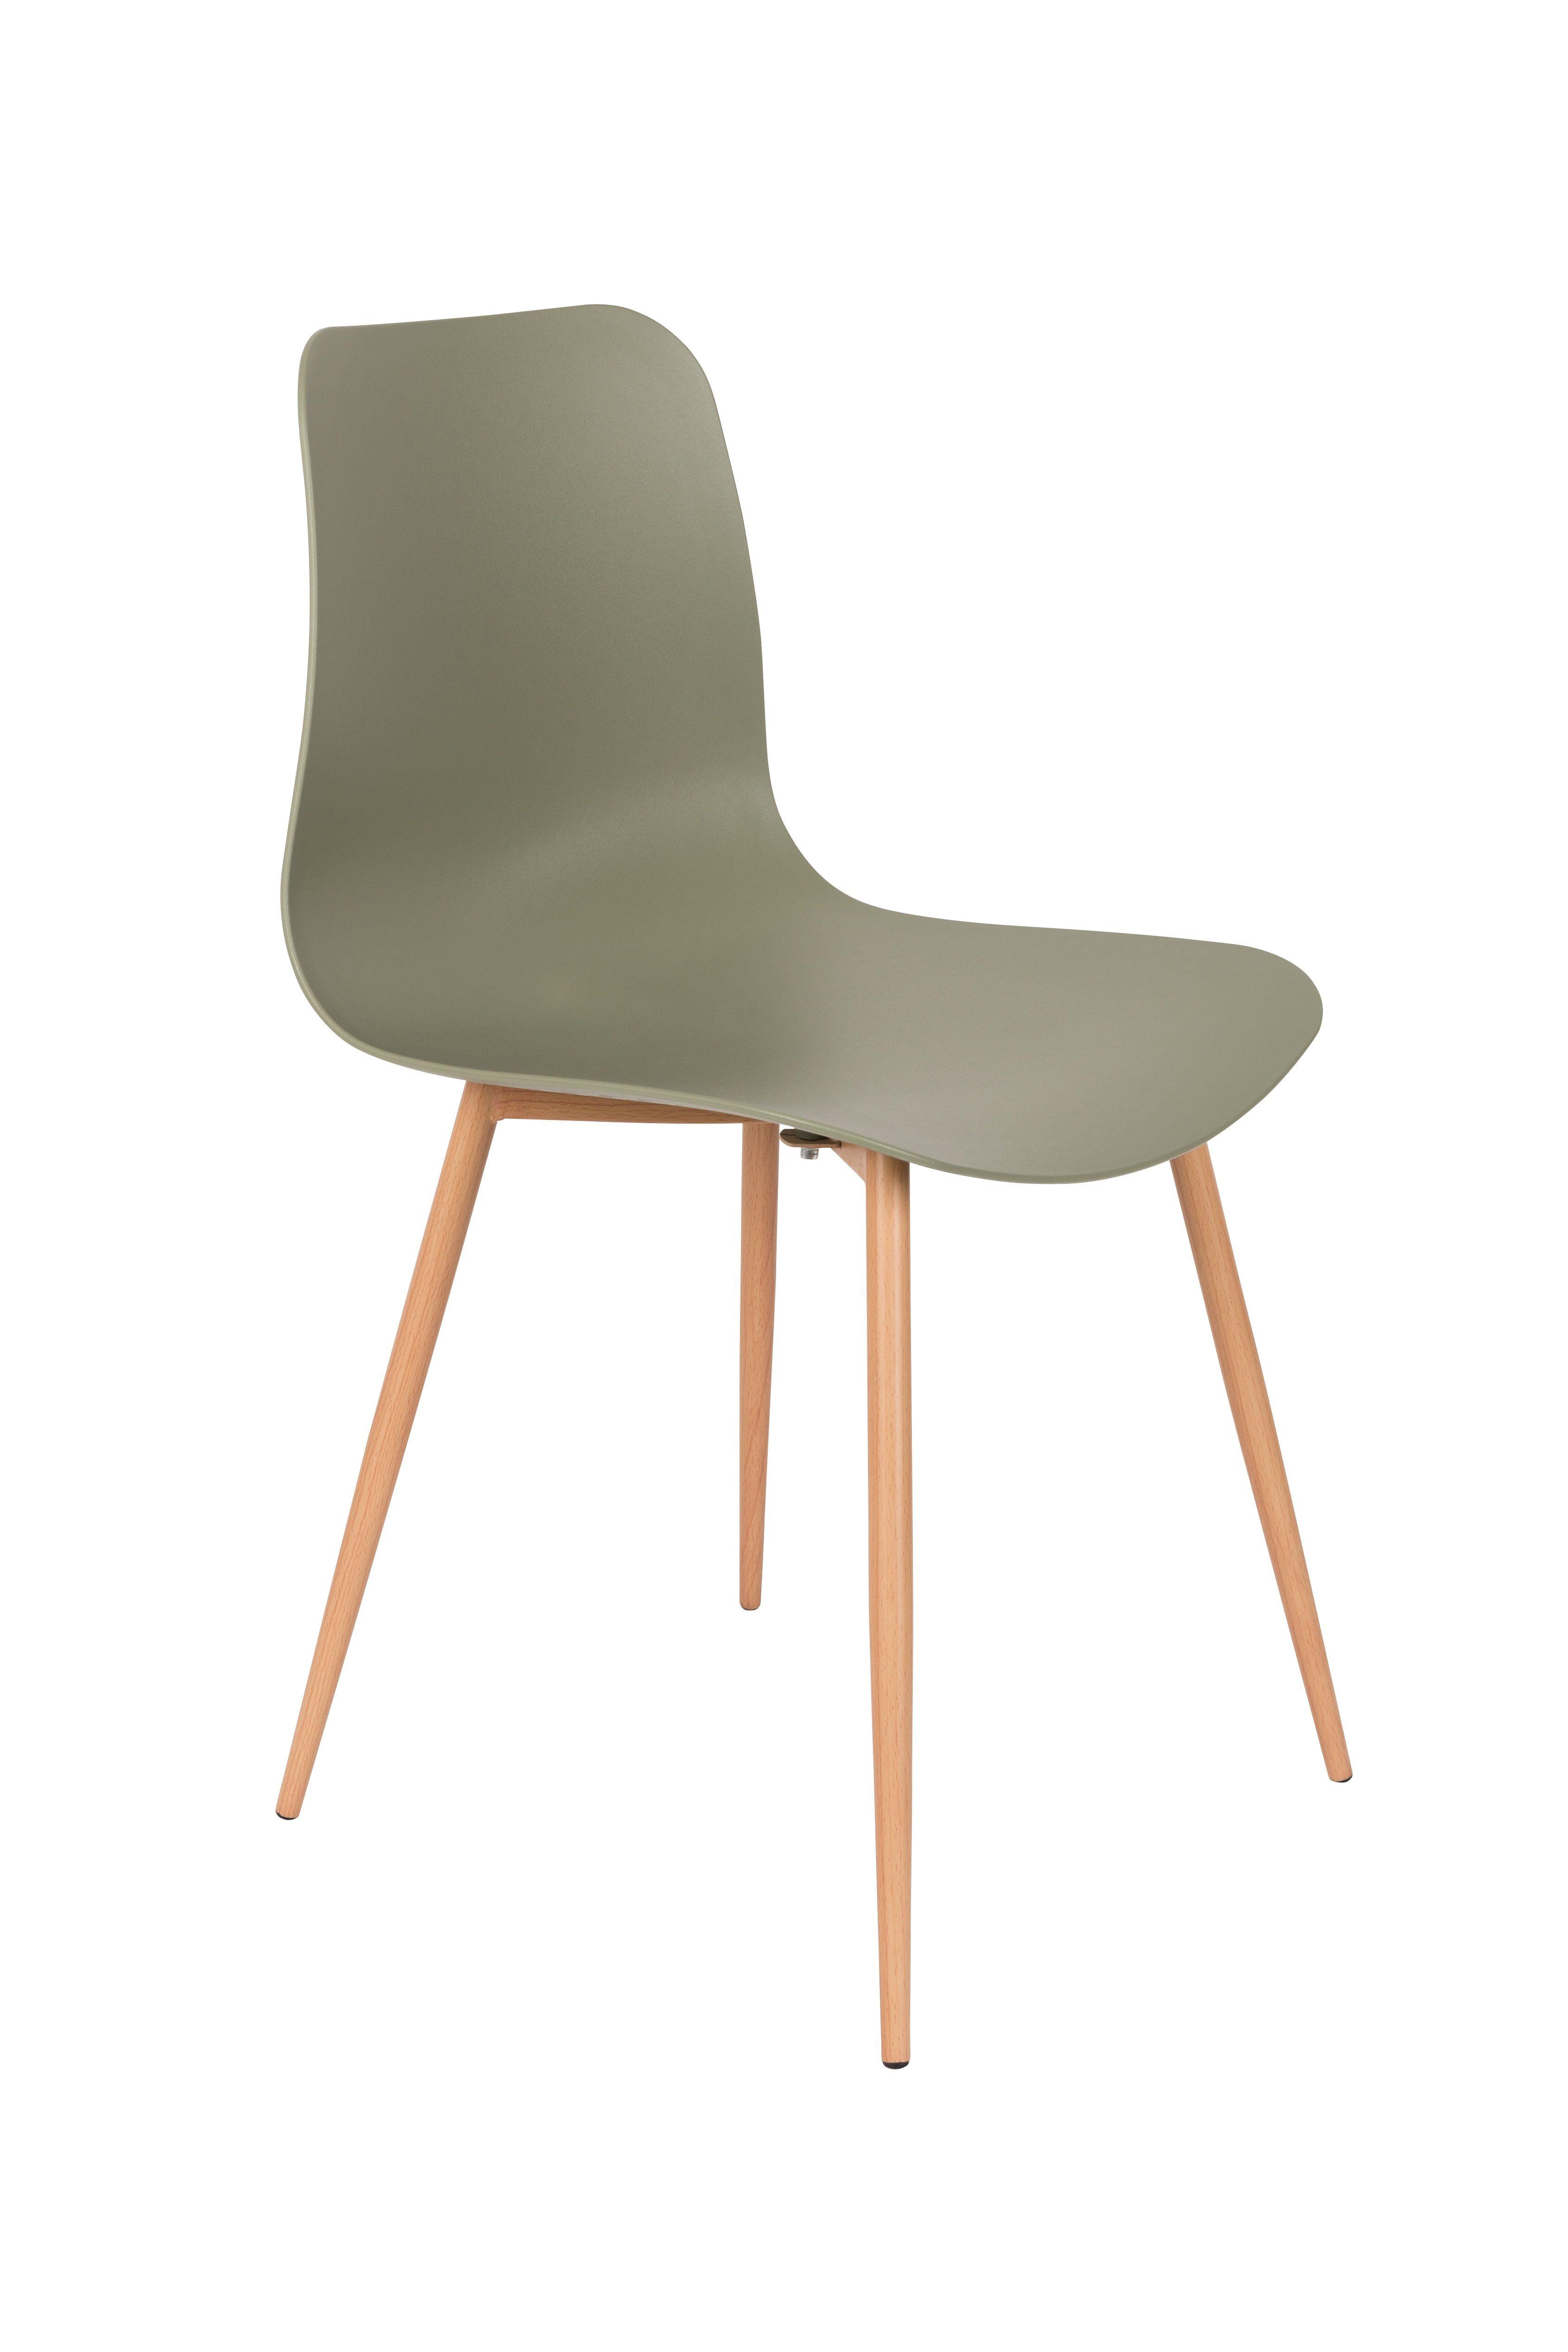 homii Leon Spisebordsstol - Grøn